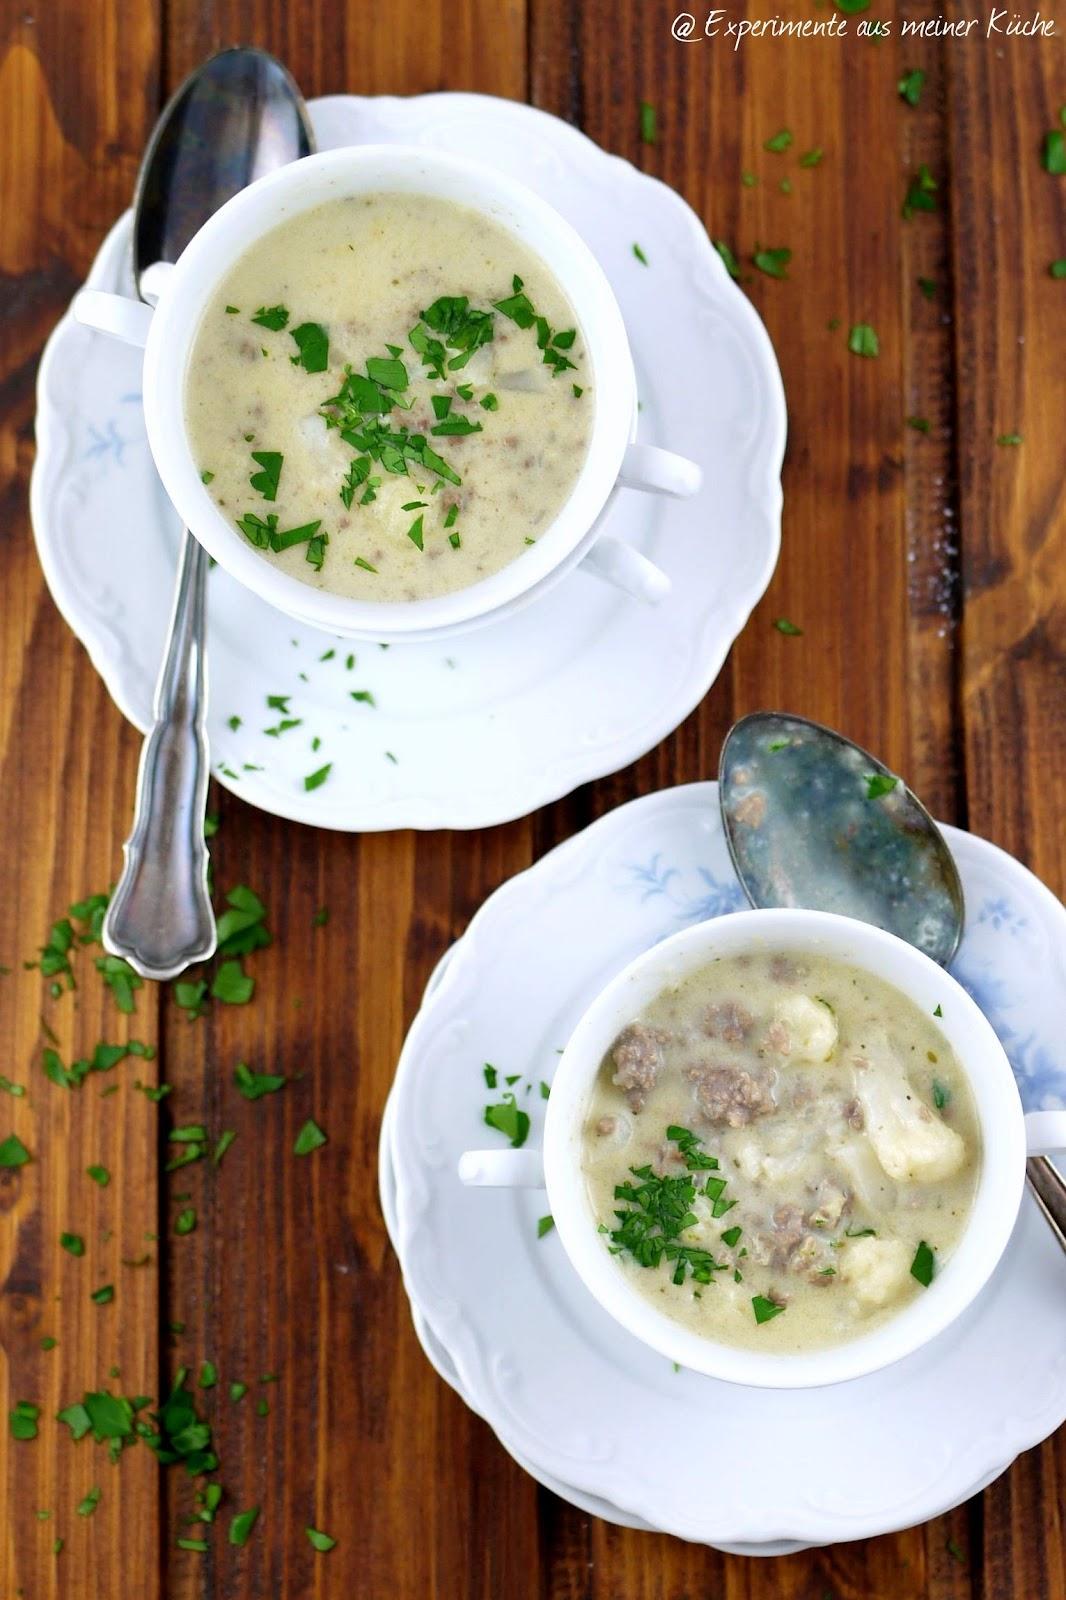 aus meiner Küche: Blumenkohl-Käse-Suppe mit Hackfleisch